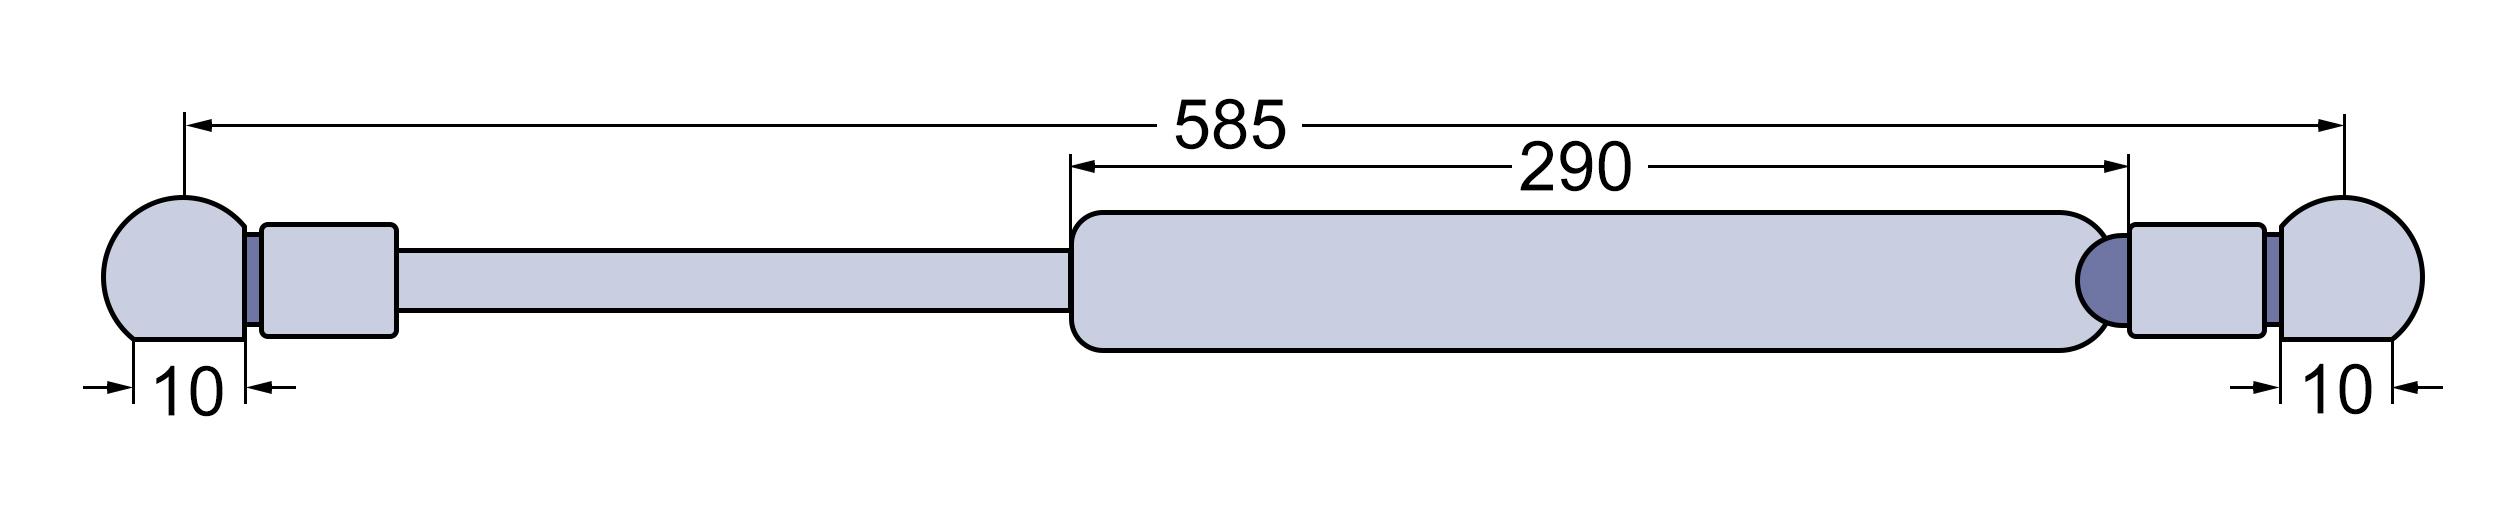 TM 120-190 Gasdruckfeder Heckscheibe für New Holland TS 90 100 110 115 125 135